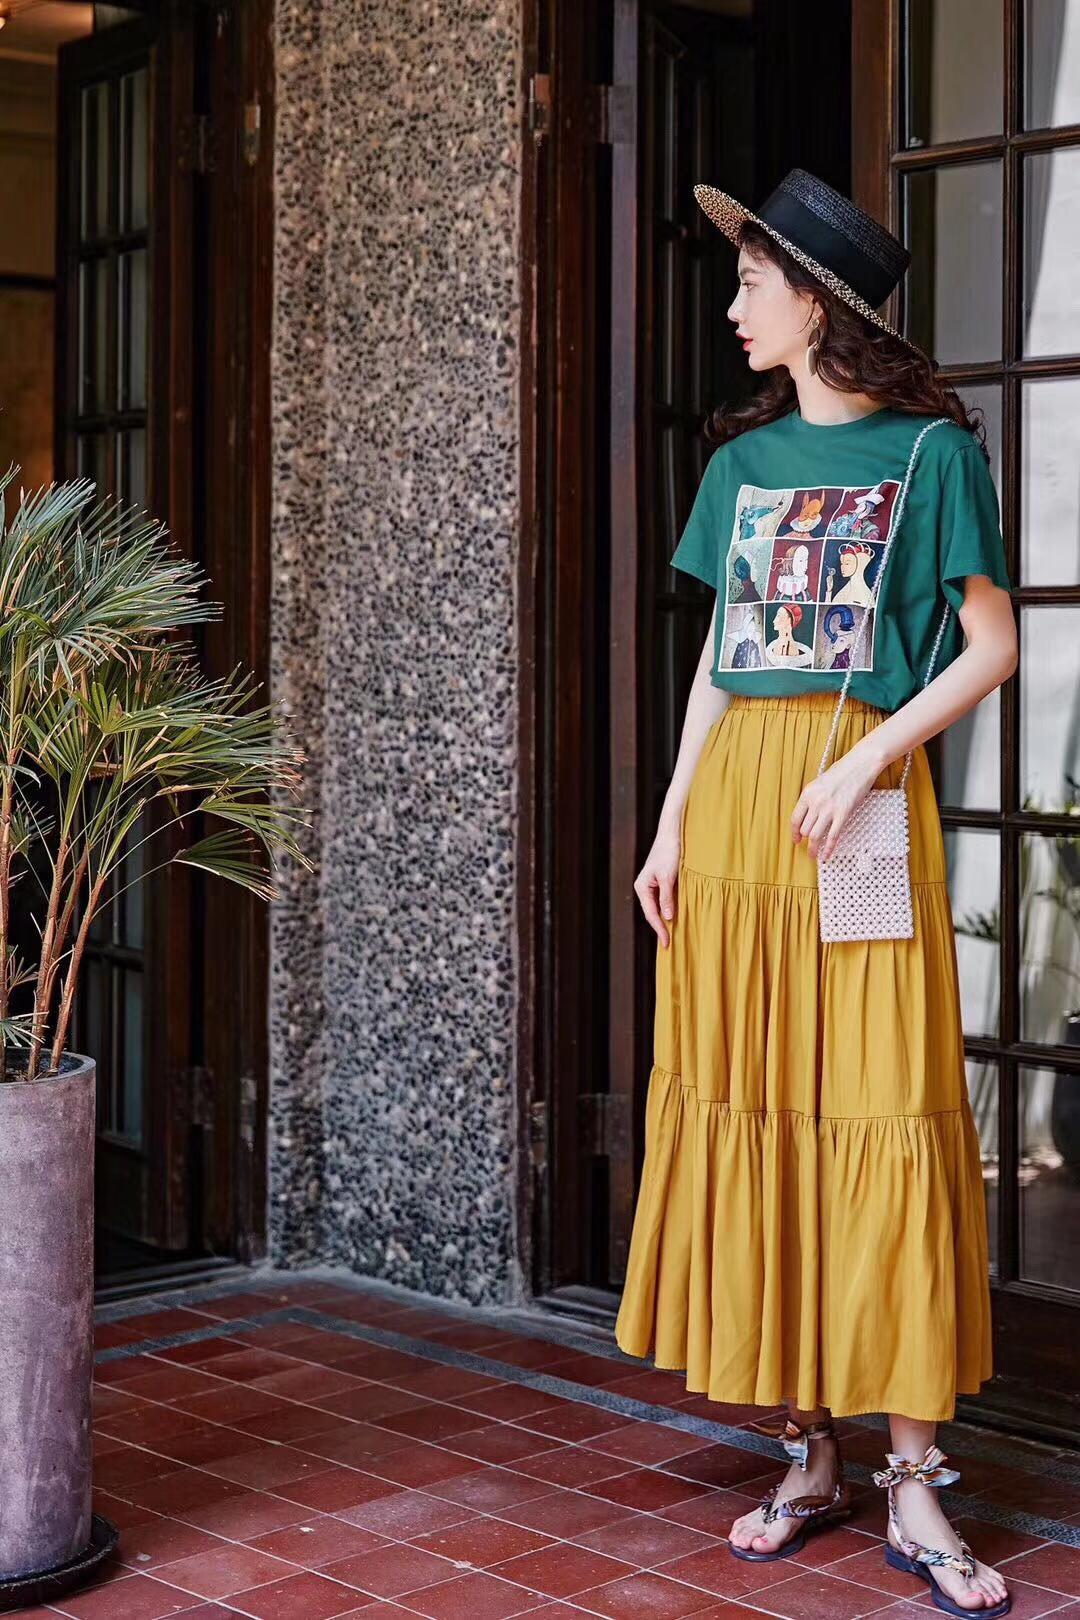 穿搭:薄荷绿印花T恤+黄色中长裙 1、薄荷绿印花T恤 纯色的底色之上,搭配九块色彩碰撞形成的方块,打破了单调更有生机。全棉的面料,手感软糯穿着又亲肤。 2、黄色中长裙 裙子一缕缕的褶裥像是鲜花的花冠,向往绽放着,纯色系的裙身,采用深浅不一的色彩衔接,既保留了裙子的简单大气,又巧妙地赋予了裙子层次感。 日常穿搭:夏日走动间随风摇曳,气质加成,吸睛十足。